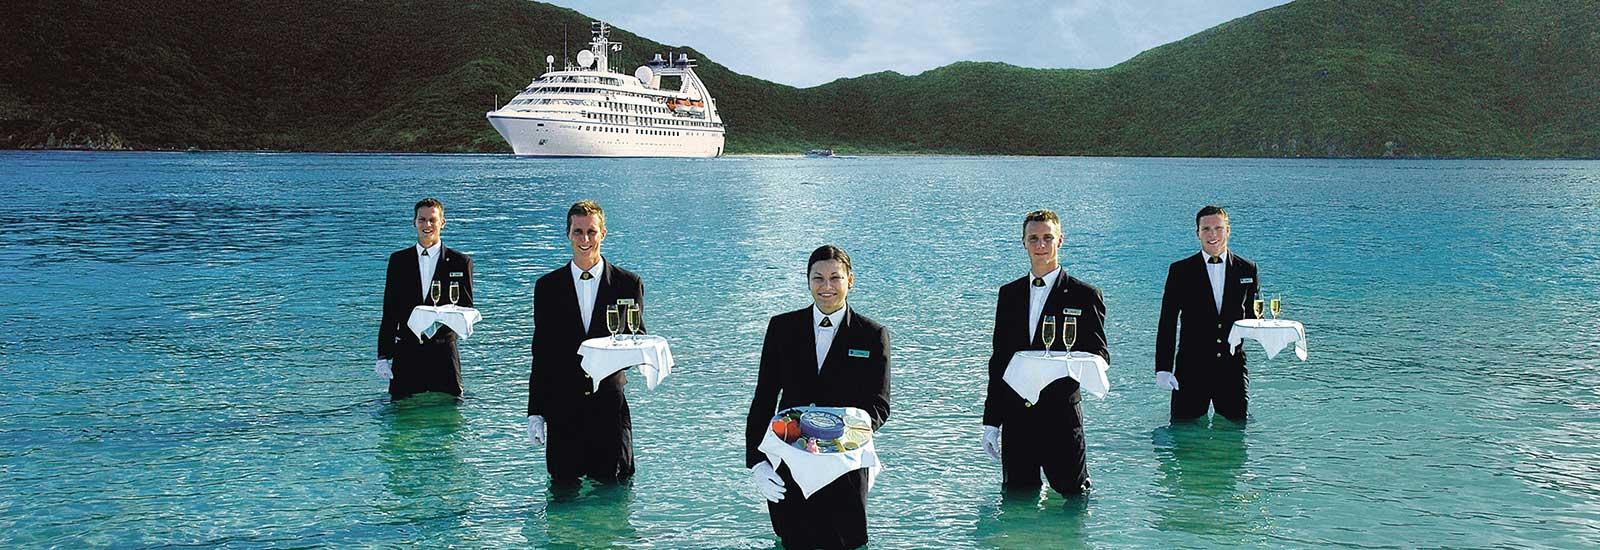 Free Luxury Cruises